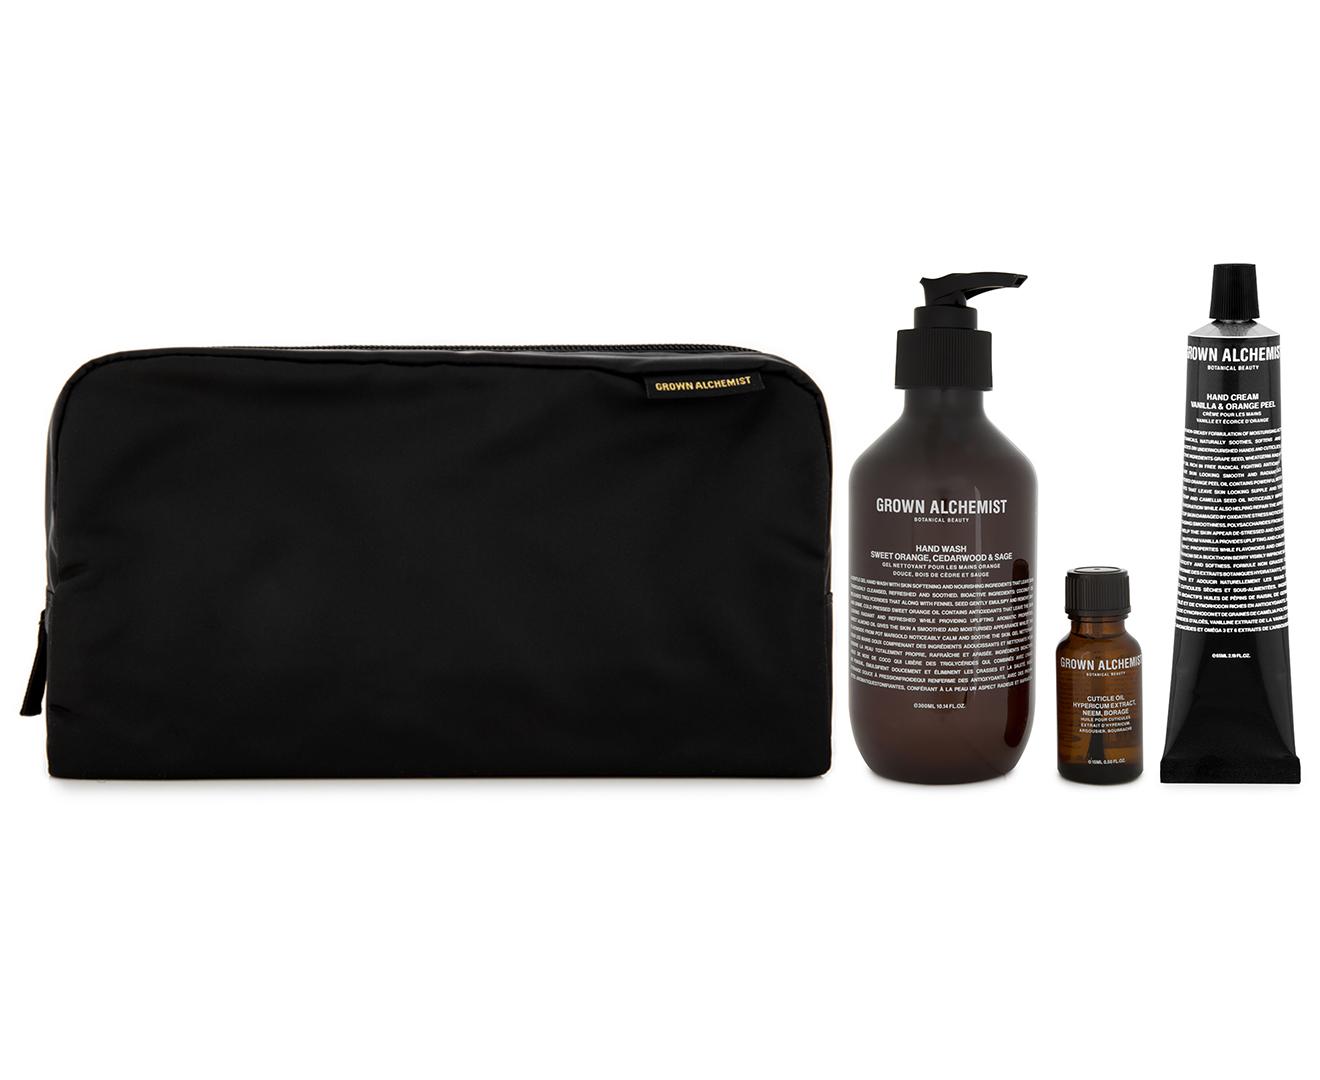 Grown Alchemist Hand Treatment Kit 4-Pack | Catch com au